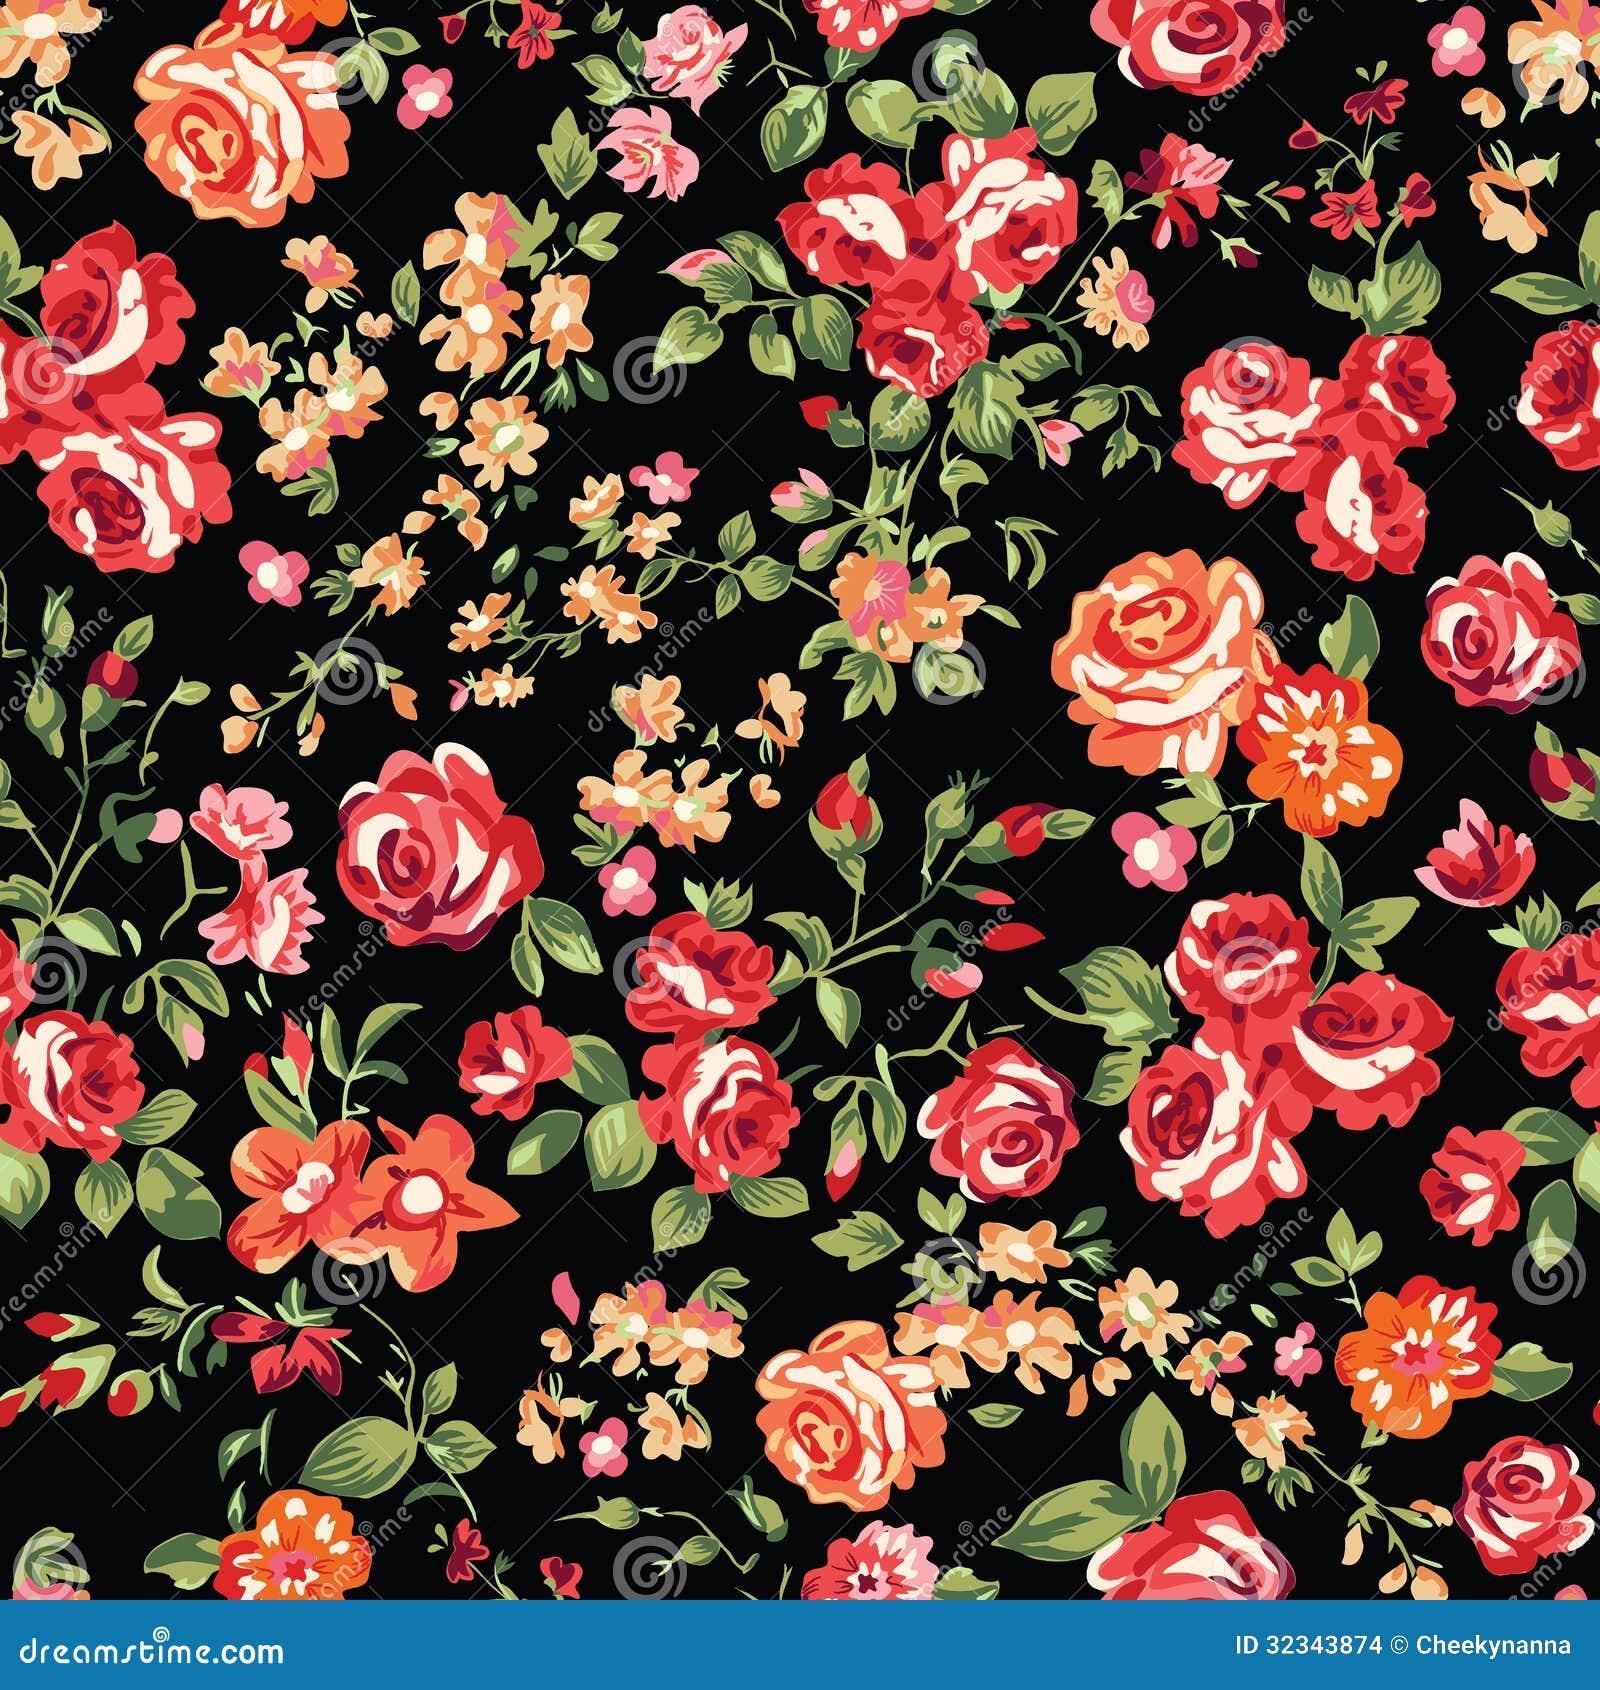 Dark Floral Ii Black Saturated Xl Wallpaper: Rosas Clásicas En Negro Ilustración Del Vector